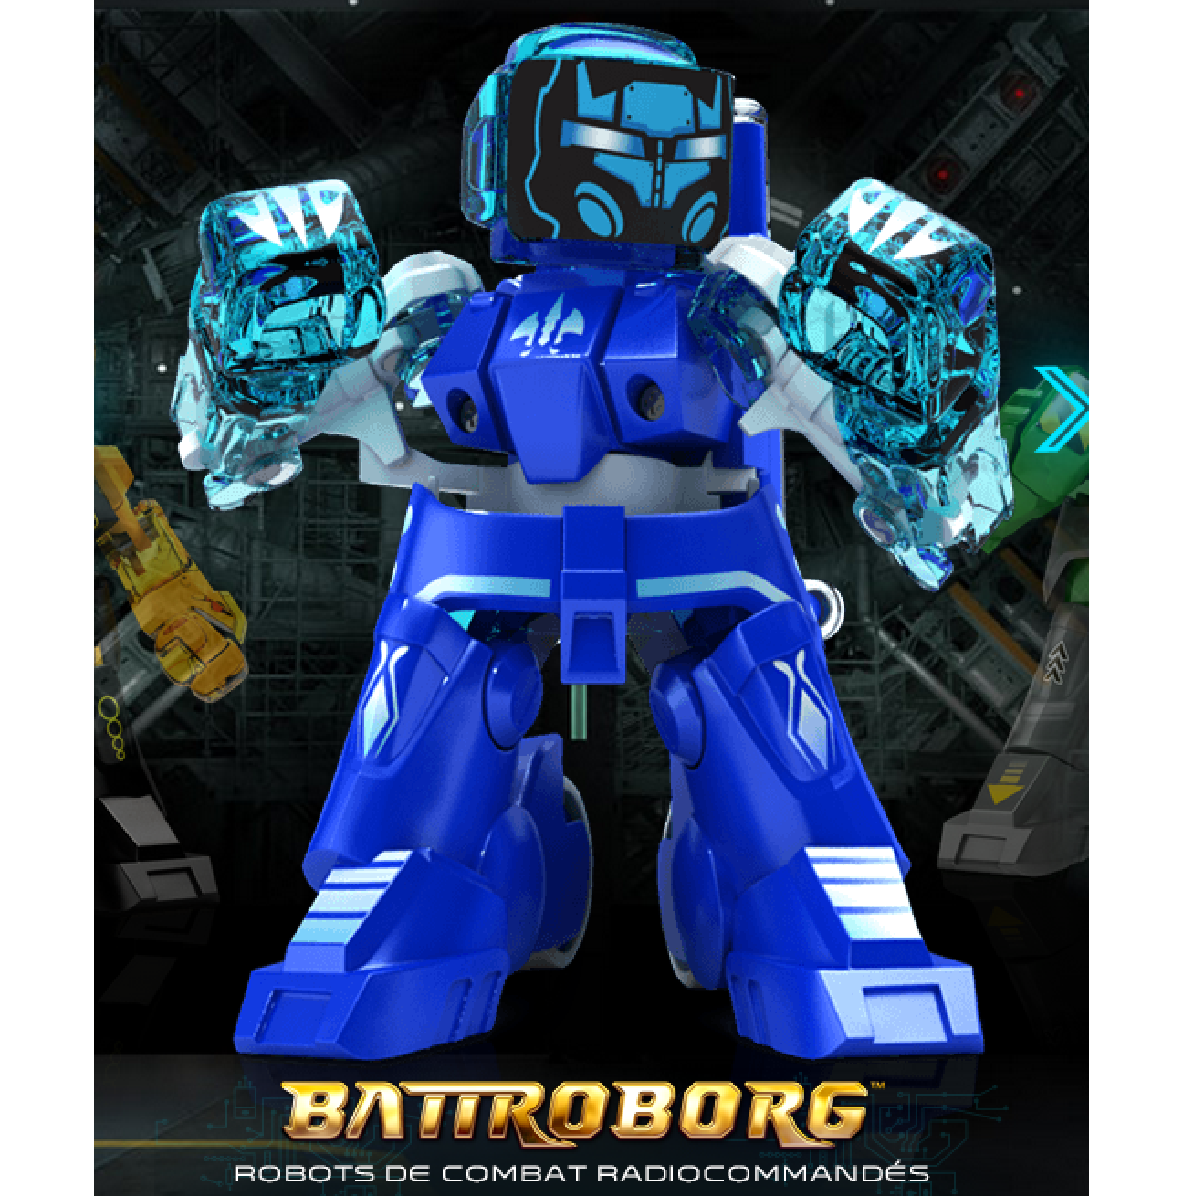 Battroborg, un jeu de combat interactif pour enfant